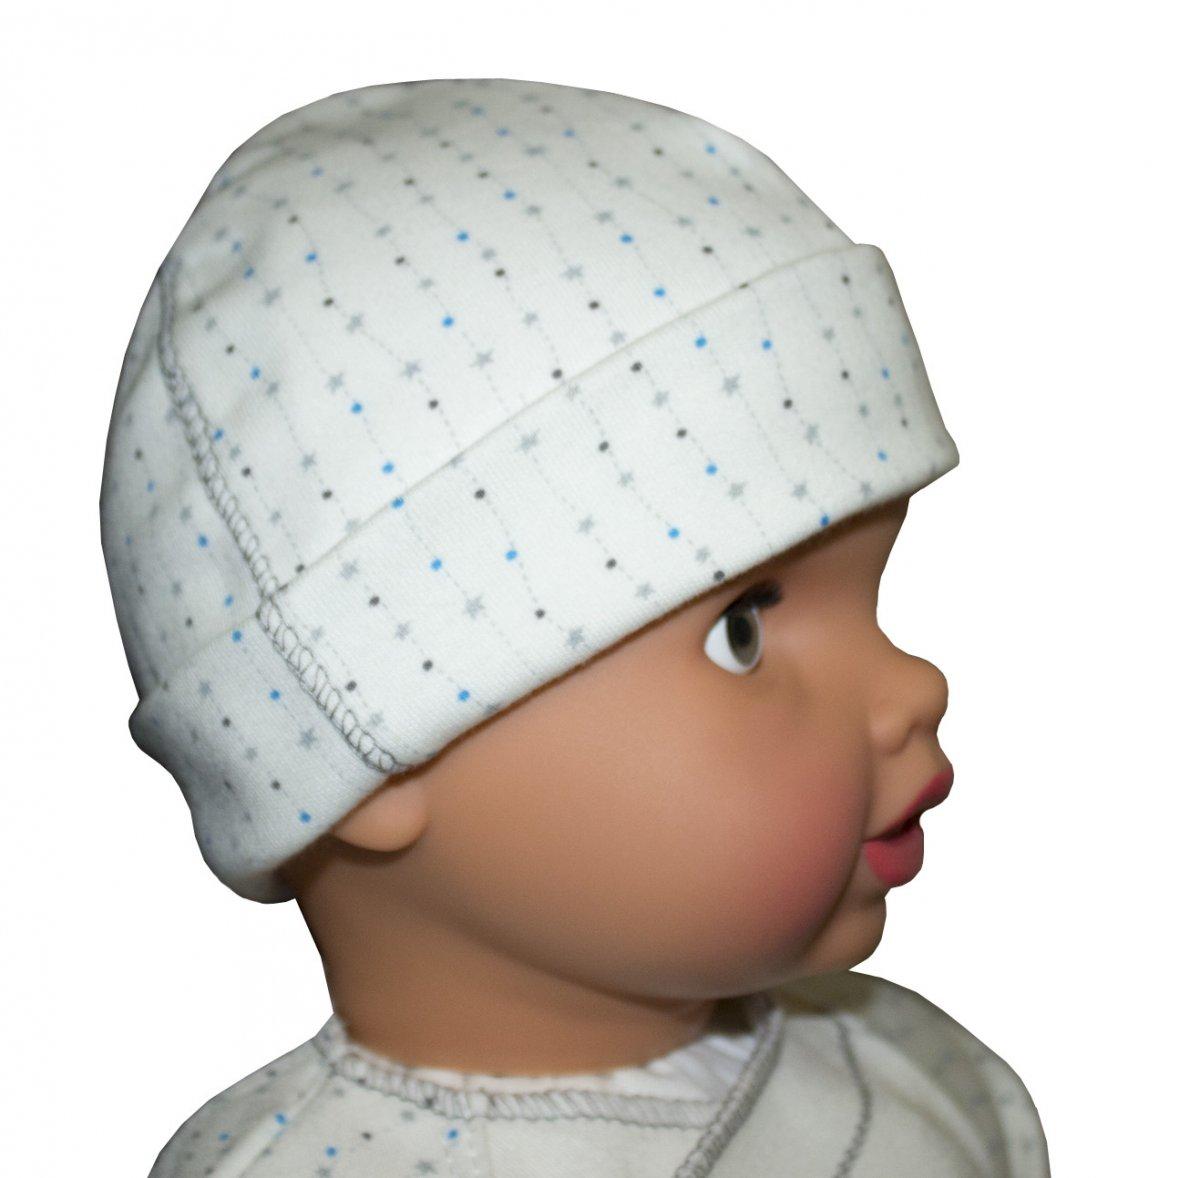 Шапочка детская МалюткаЧепчики, шапочки<br><br><br>Размер: 38